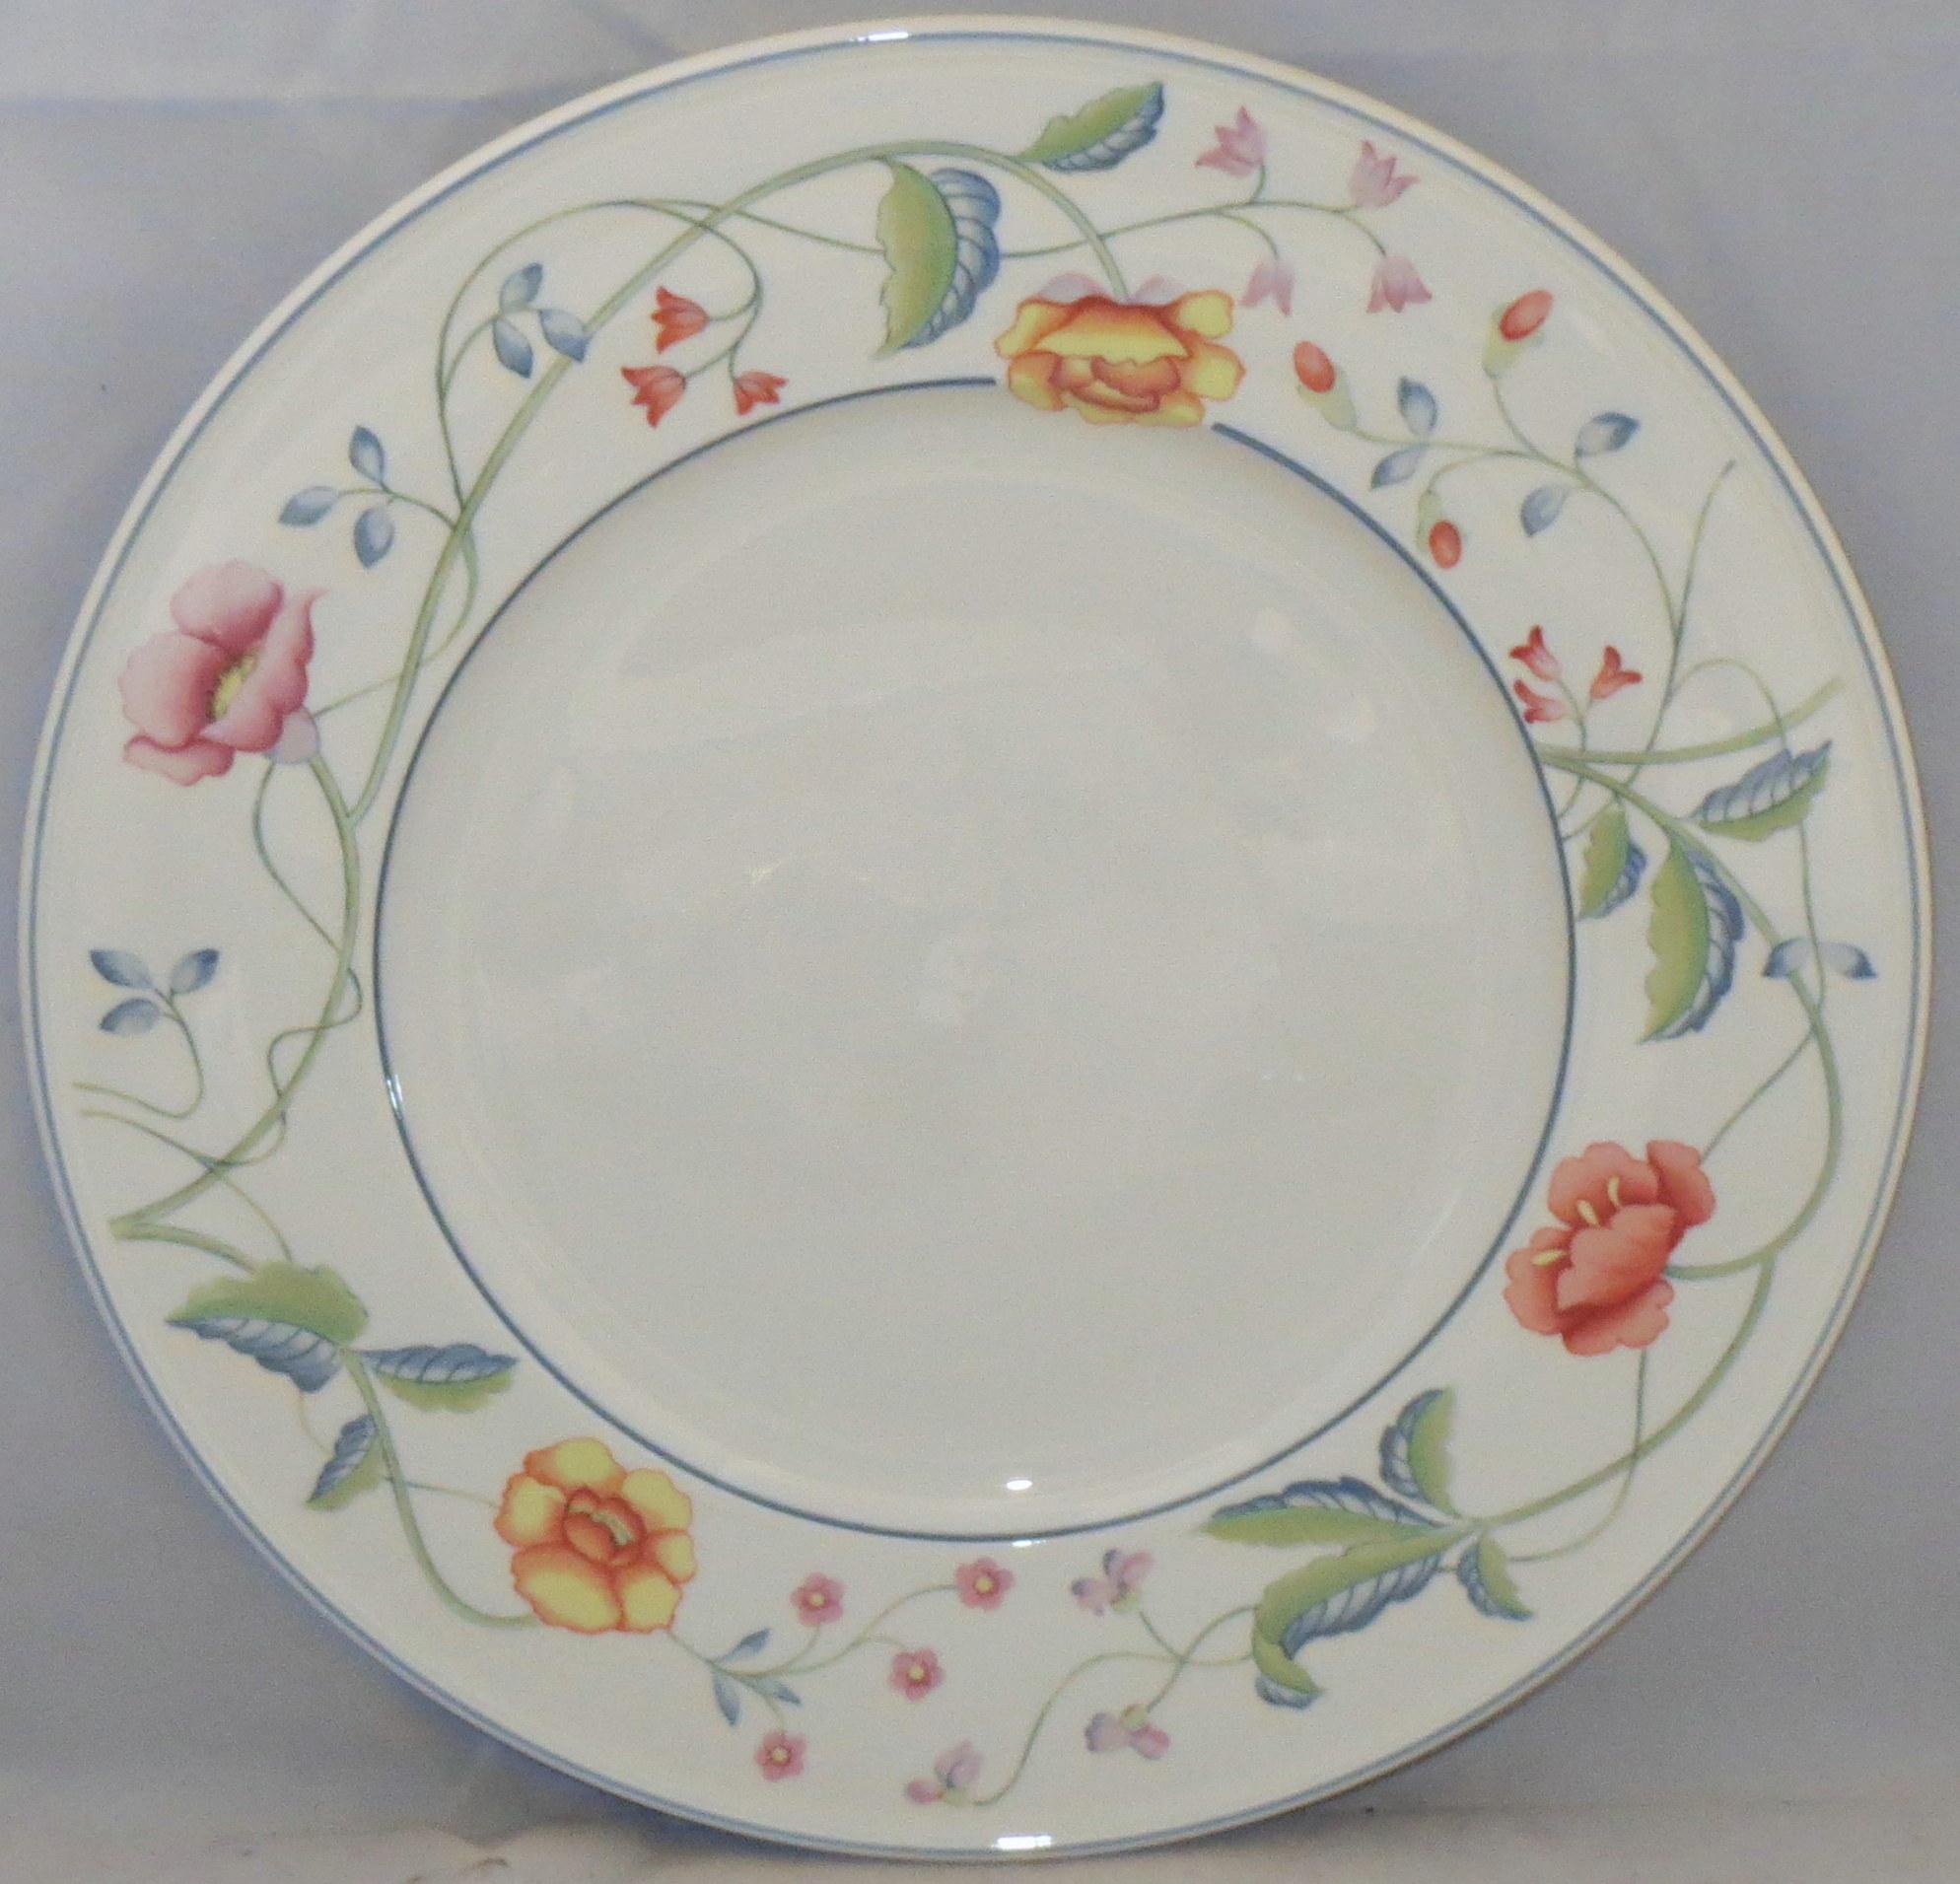 Villeroy u0026 Boch Albertina Salad Plate & Villeroy u0026 Boch Albertina Salad Plate   eBay